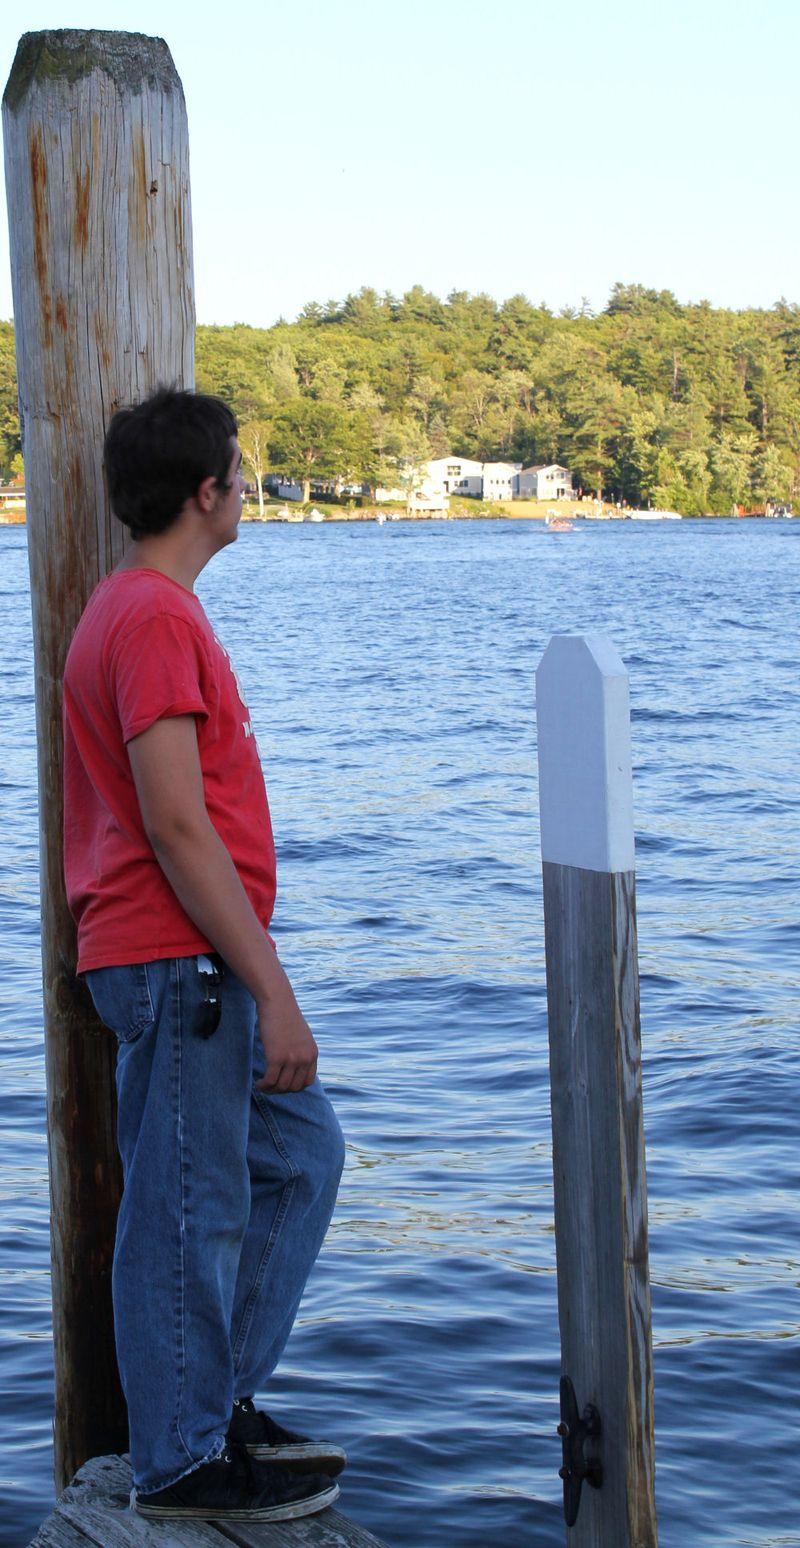 Lakes Region Weirs Beach 2 - OHS